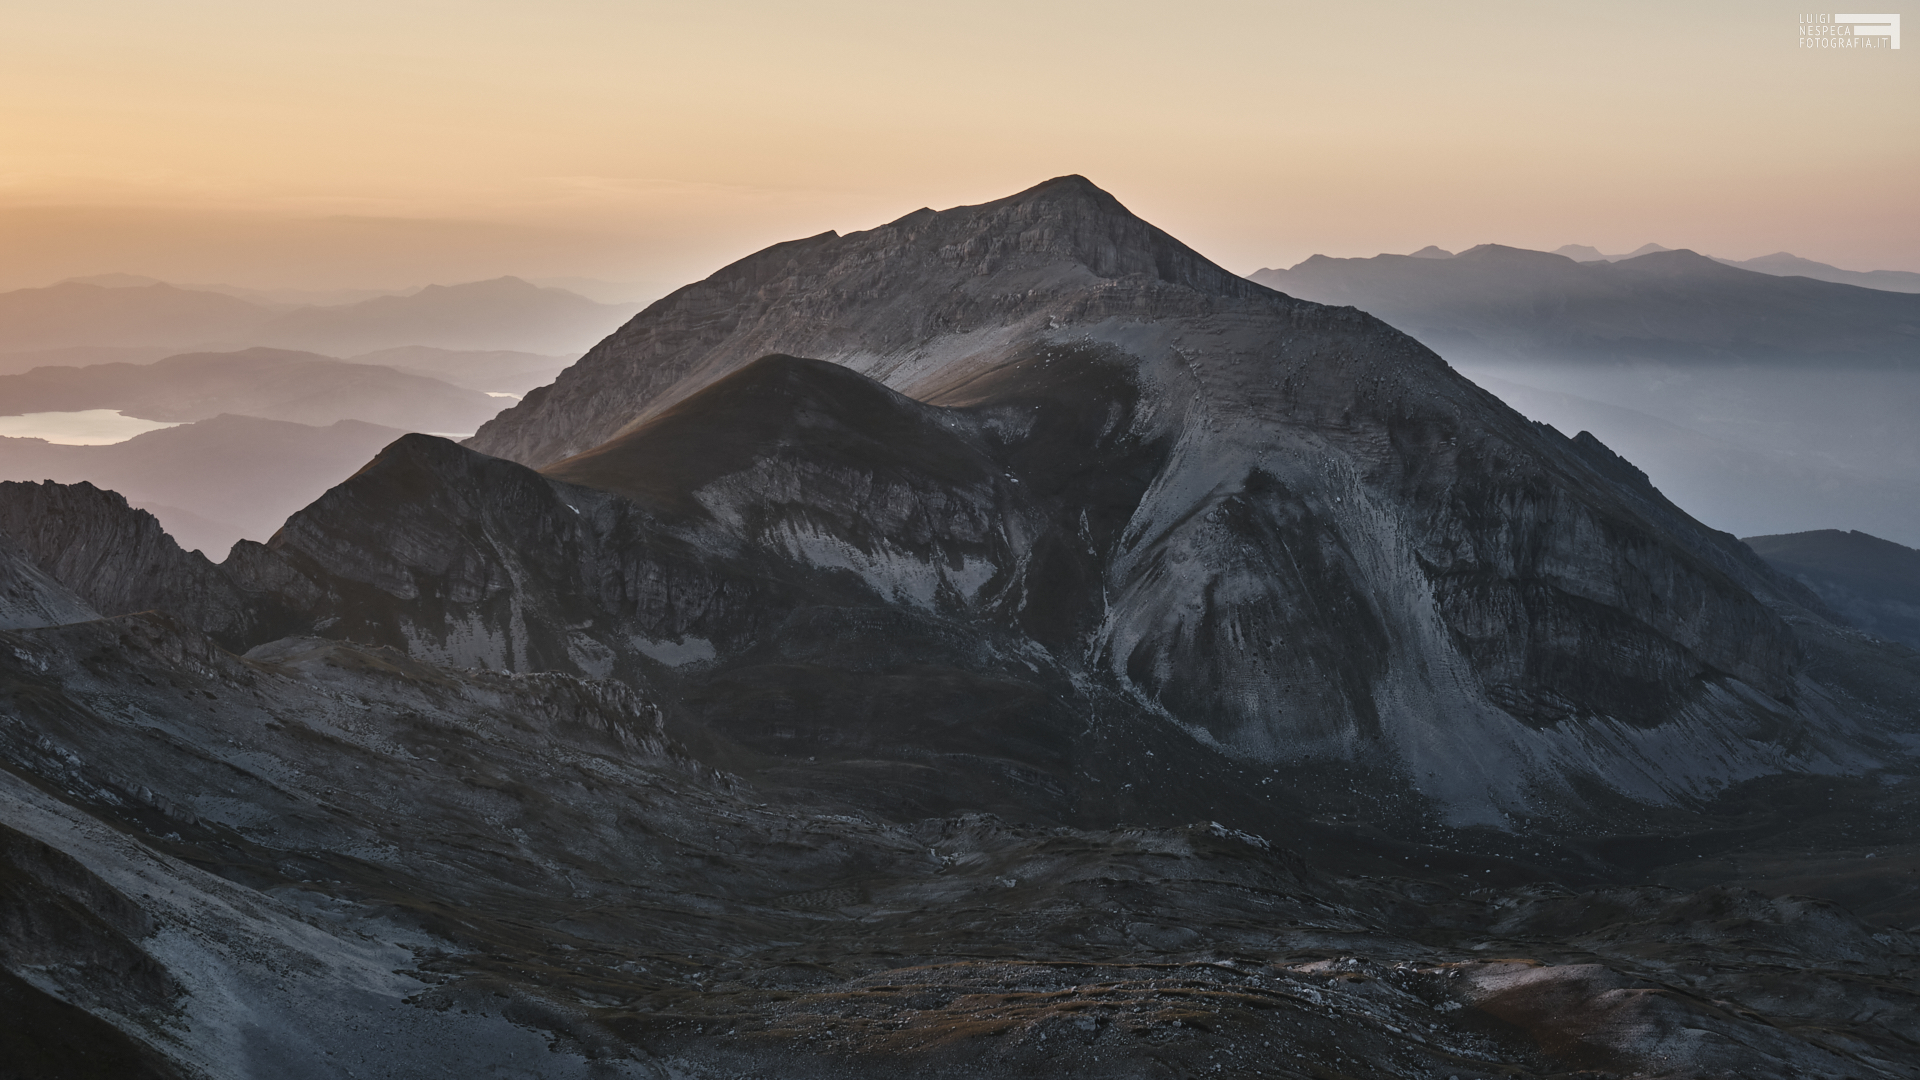 Agosto 2021 - dalla vetta del Pizzo Cefalone - Monte Corvo e lago di campotosto